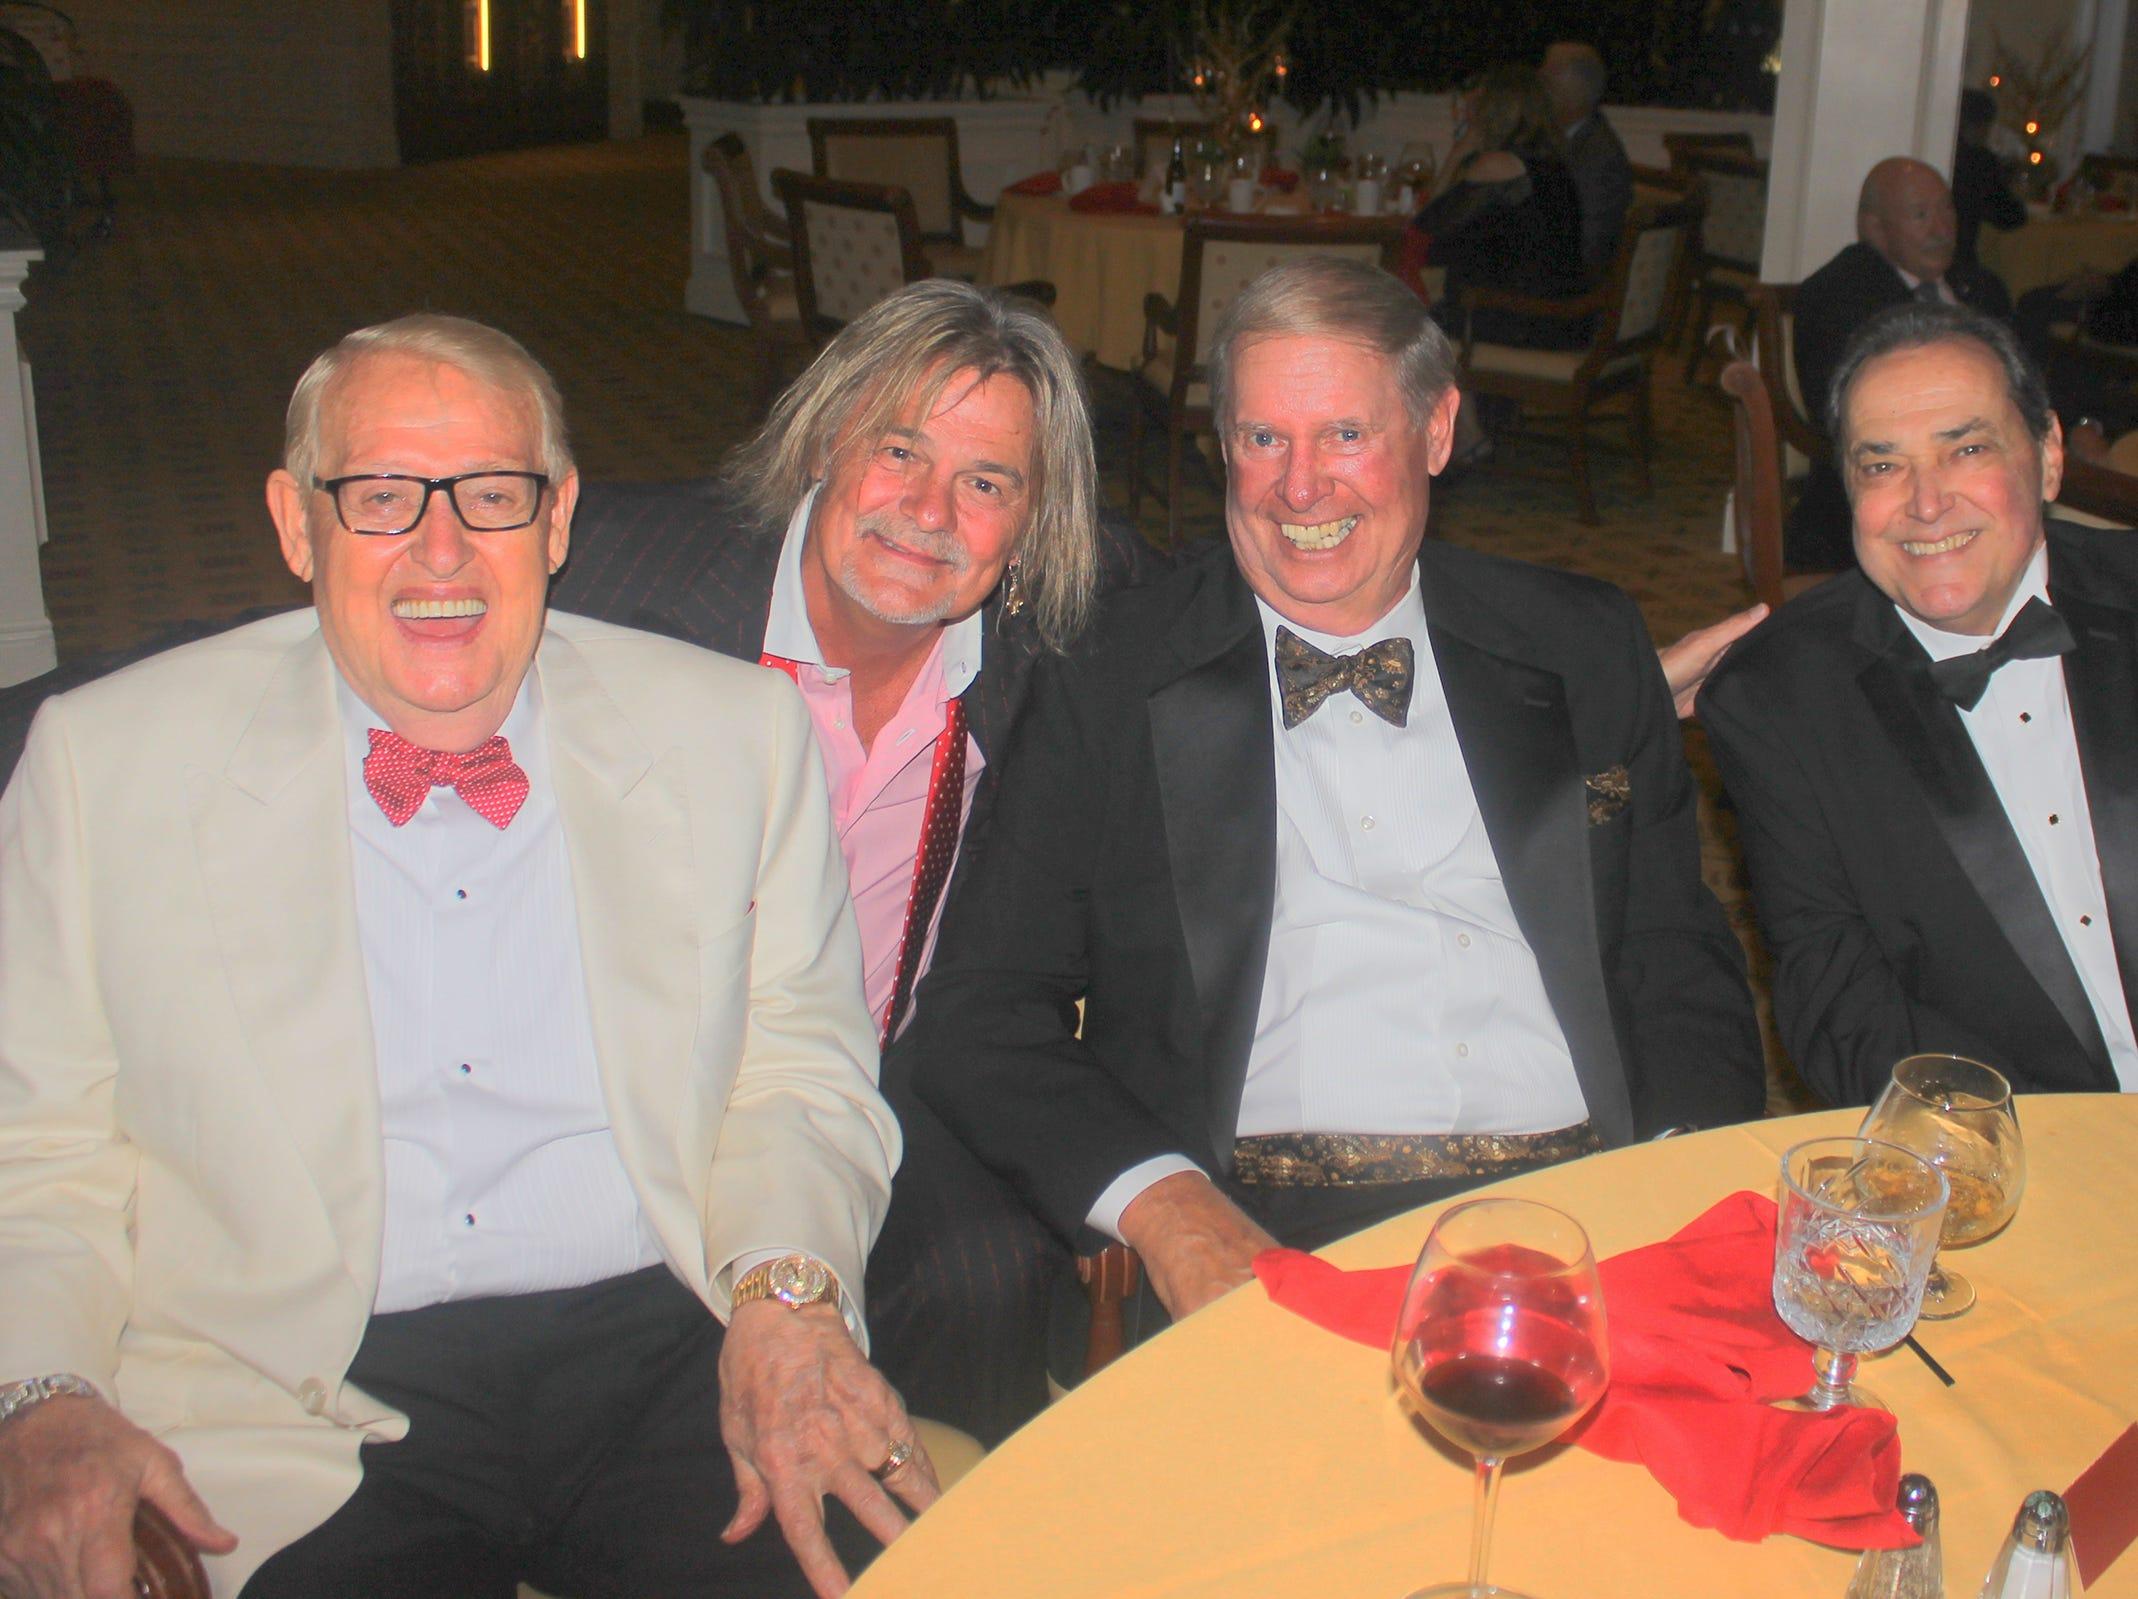 Taking a break from the dance floor are Tony Wolfe, Dan Wolfe, Ray Seward andTom Kraemer.